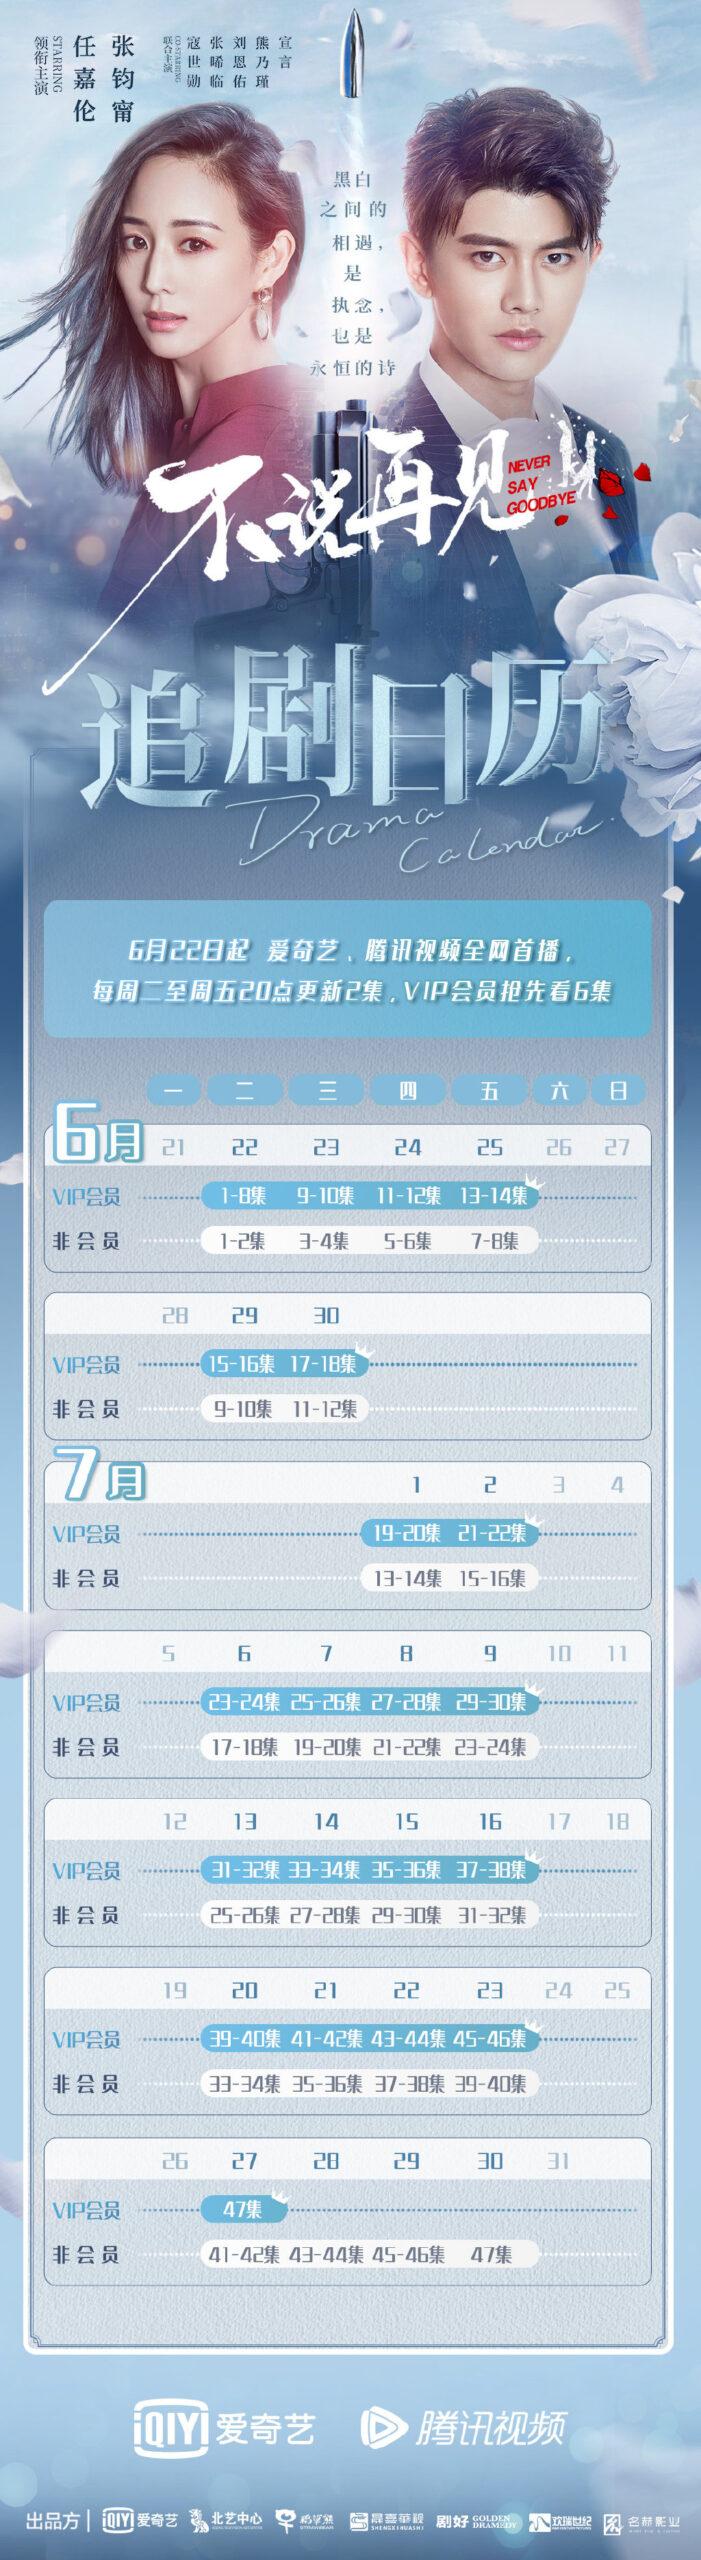 Never Say Goodbye Chinese Drama Airing Calendar